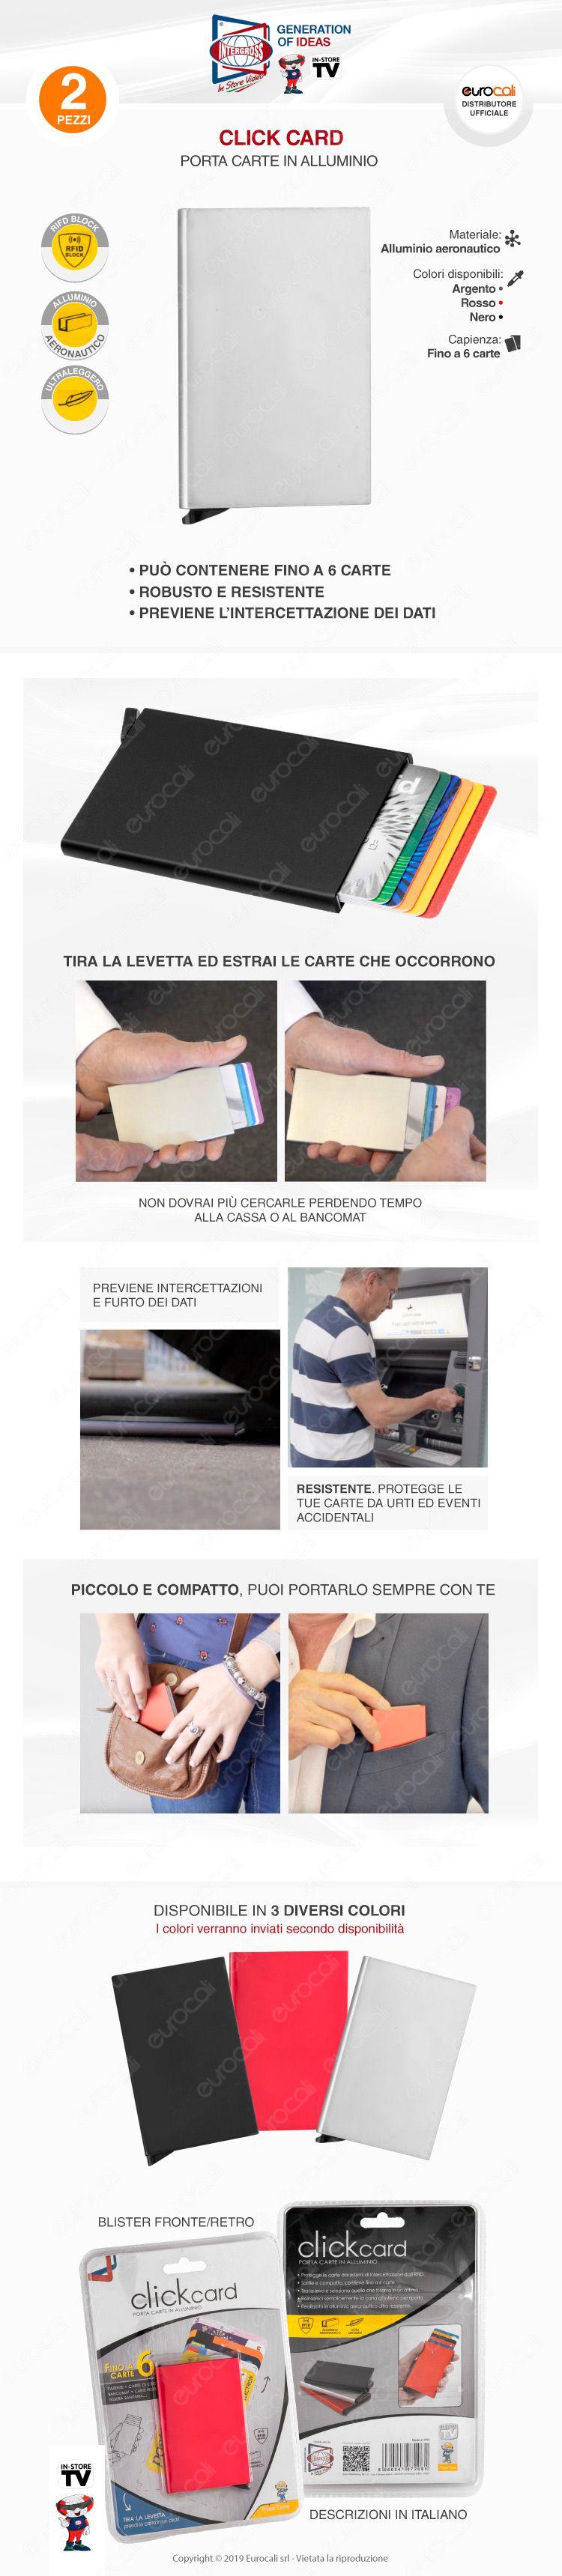 Porta Carte in Alluminio Kit 2 Click Card Intergross Ultra Leggero con RFID Block